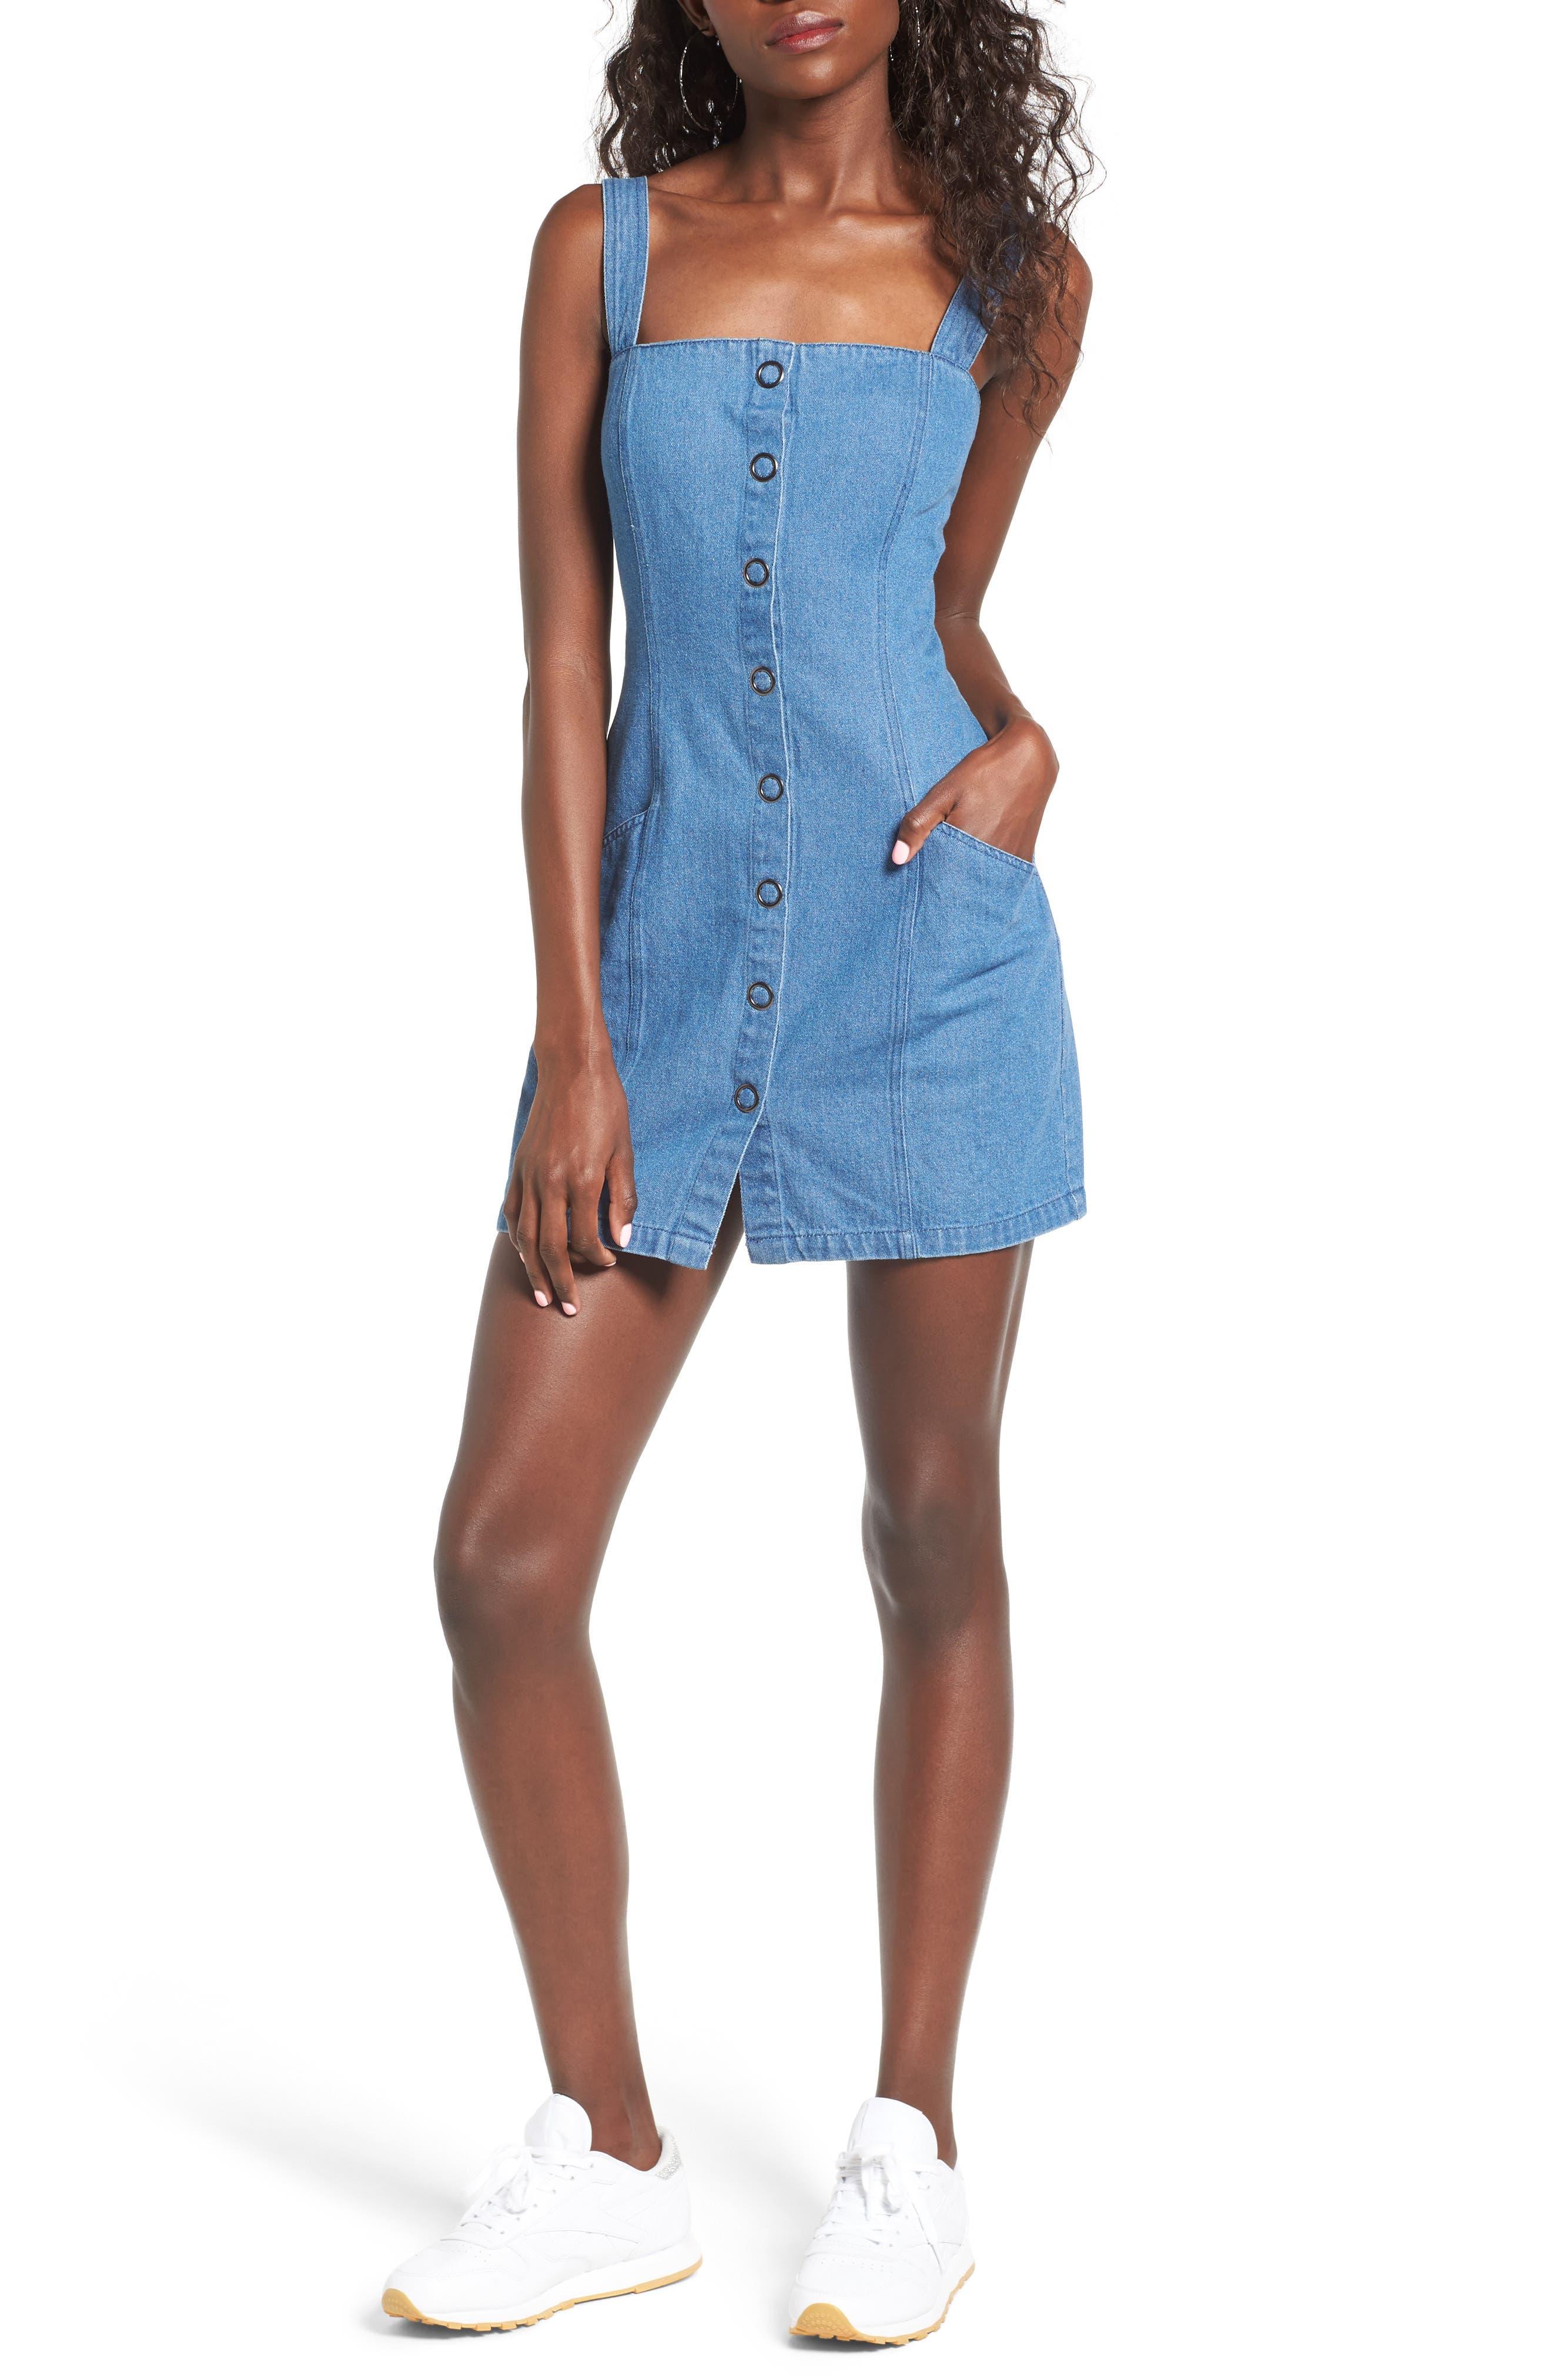 Vagabond Denim Dress,                         Main,                         color, 400